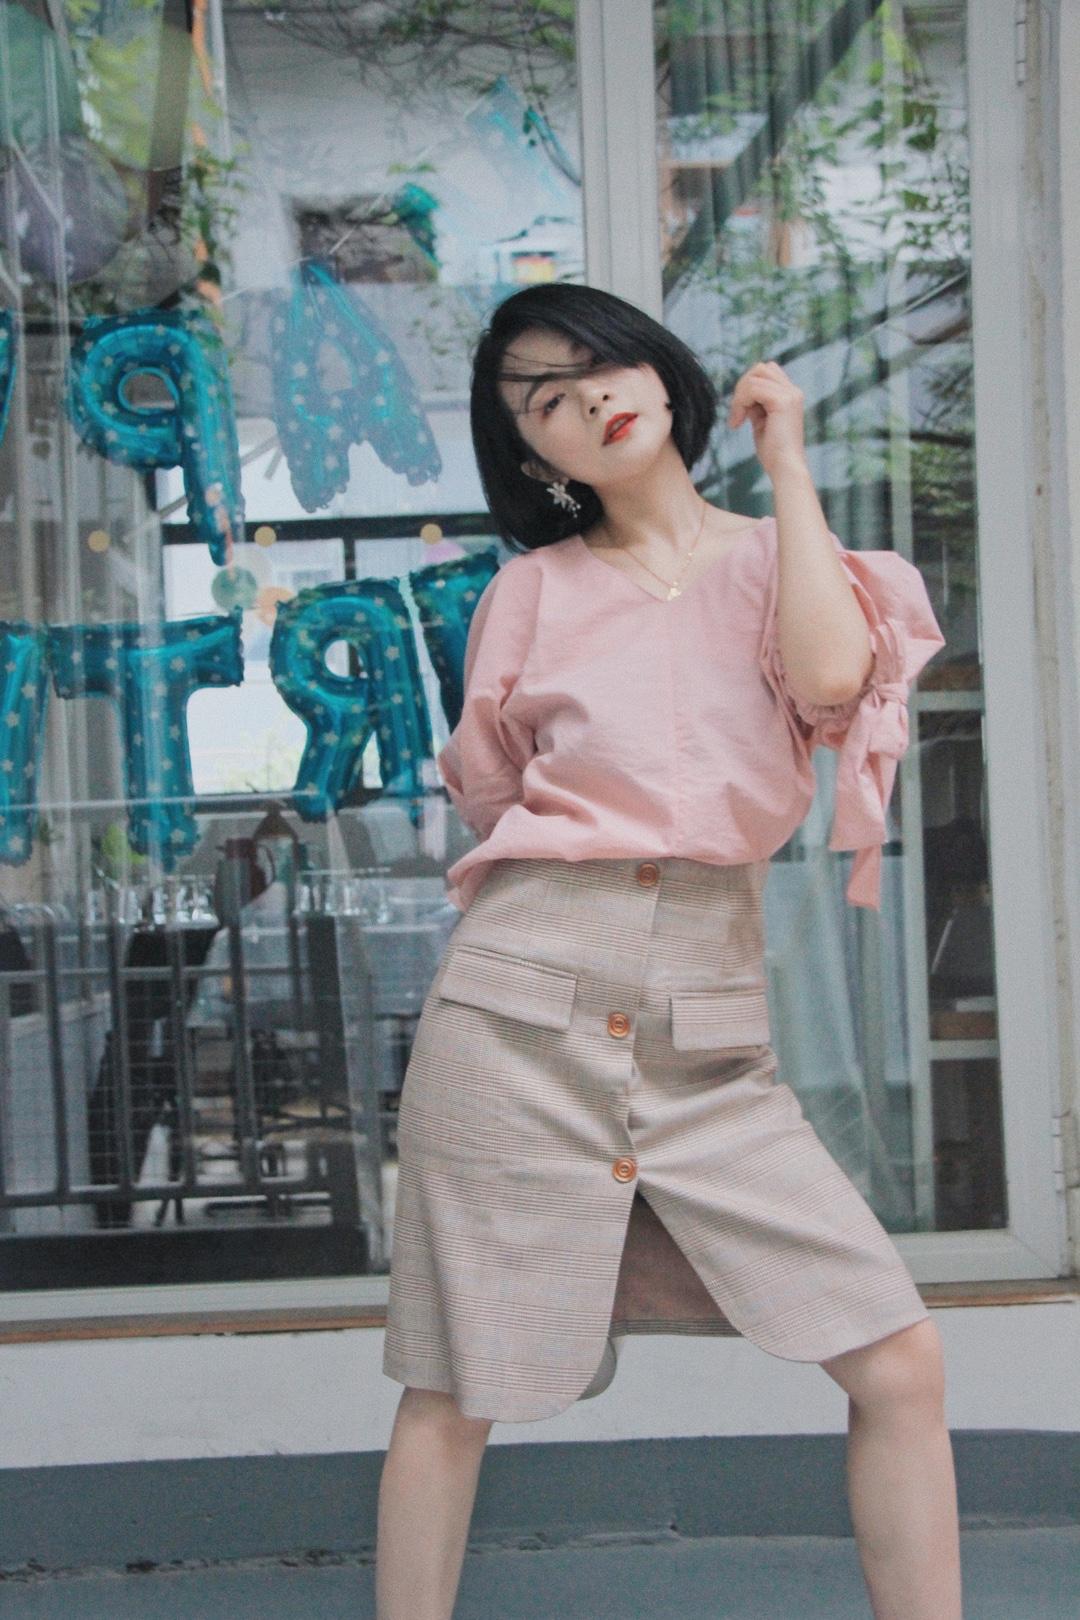 甜美系通勤girl~ 粉色衬衫袖口蝴蝶结设计,甜蜜指数爆表! 经典格纹半裙,气质又学院风~ #这条半身裙,专治腿粗~#